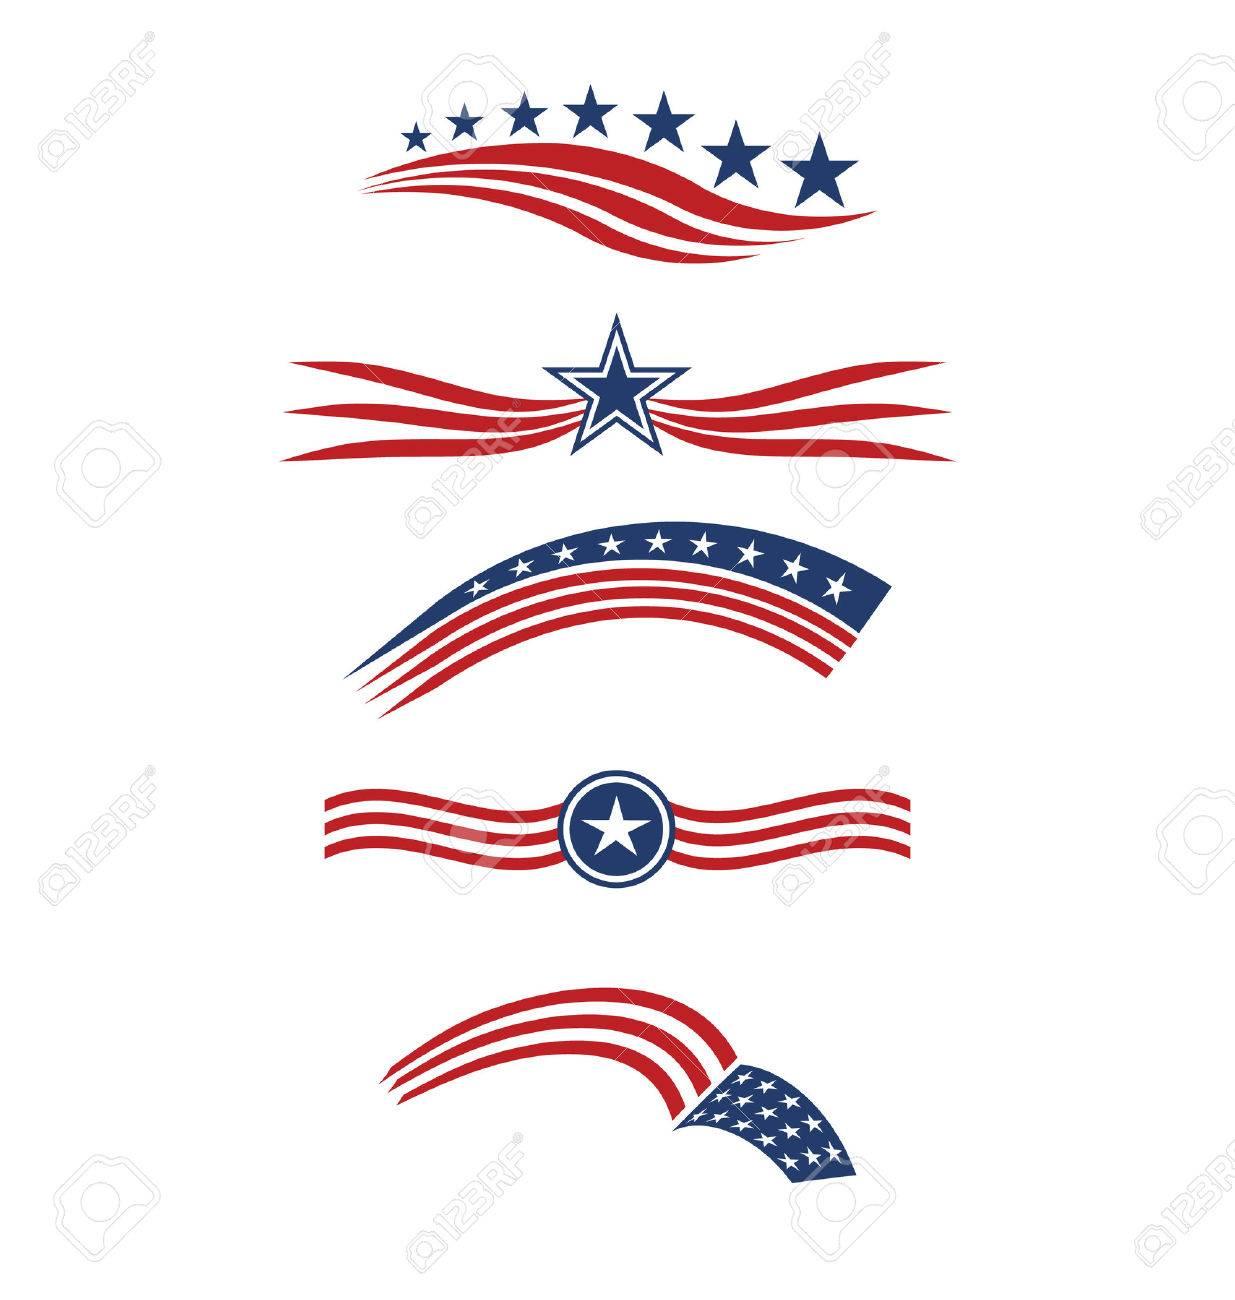 USA strisce bandiera stella elementi di design icone vettoriali Archivio Fotografico - 47253244